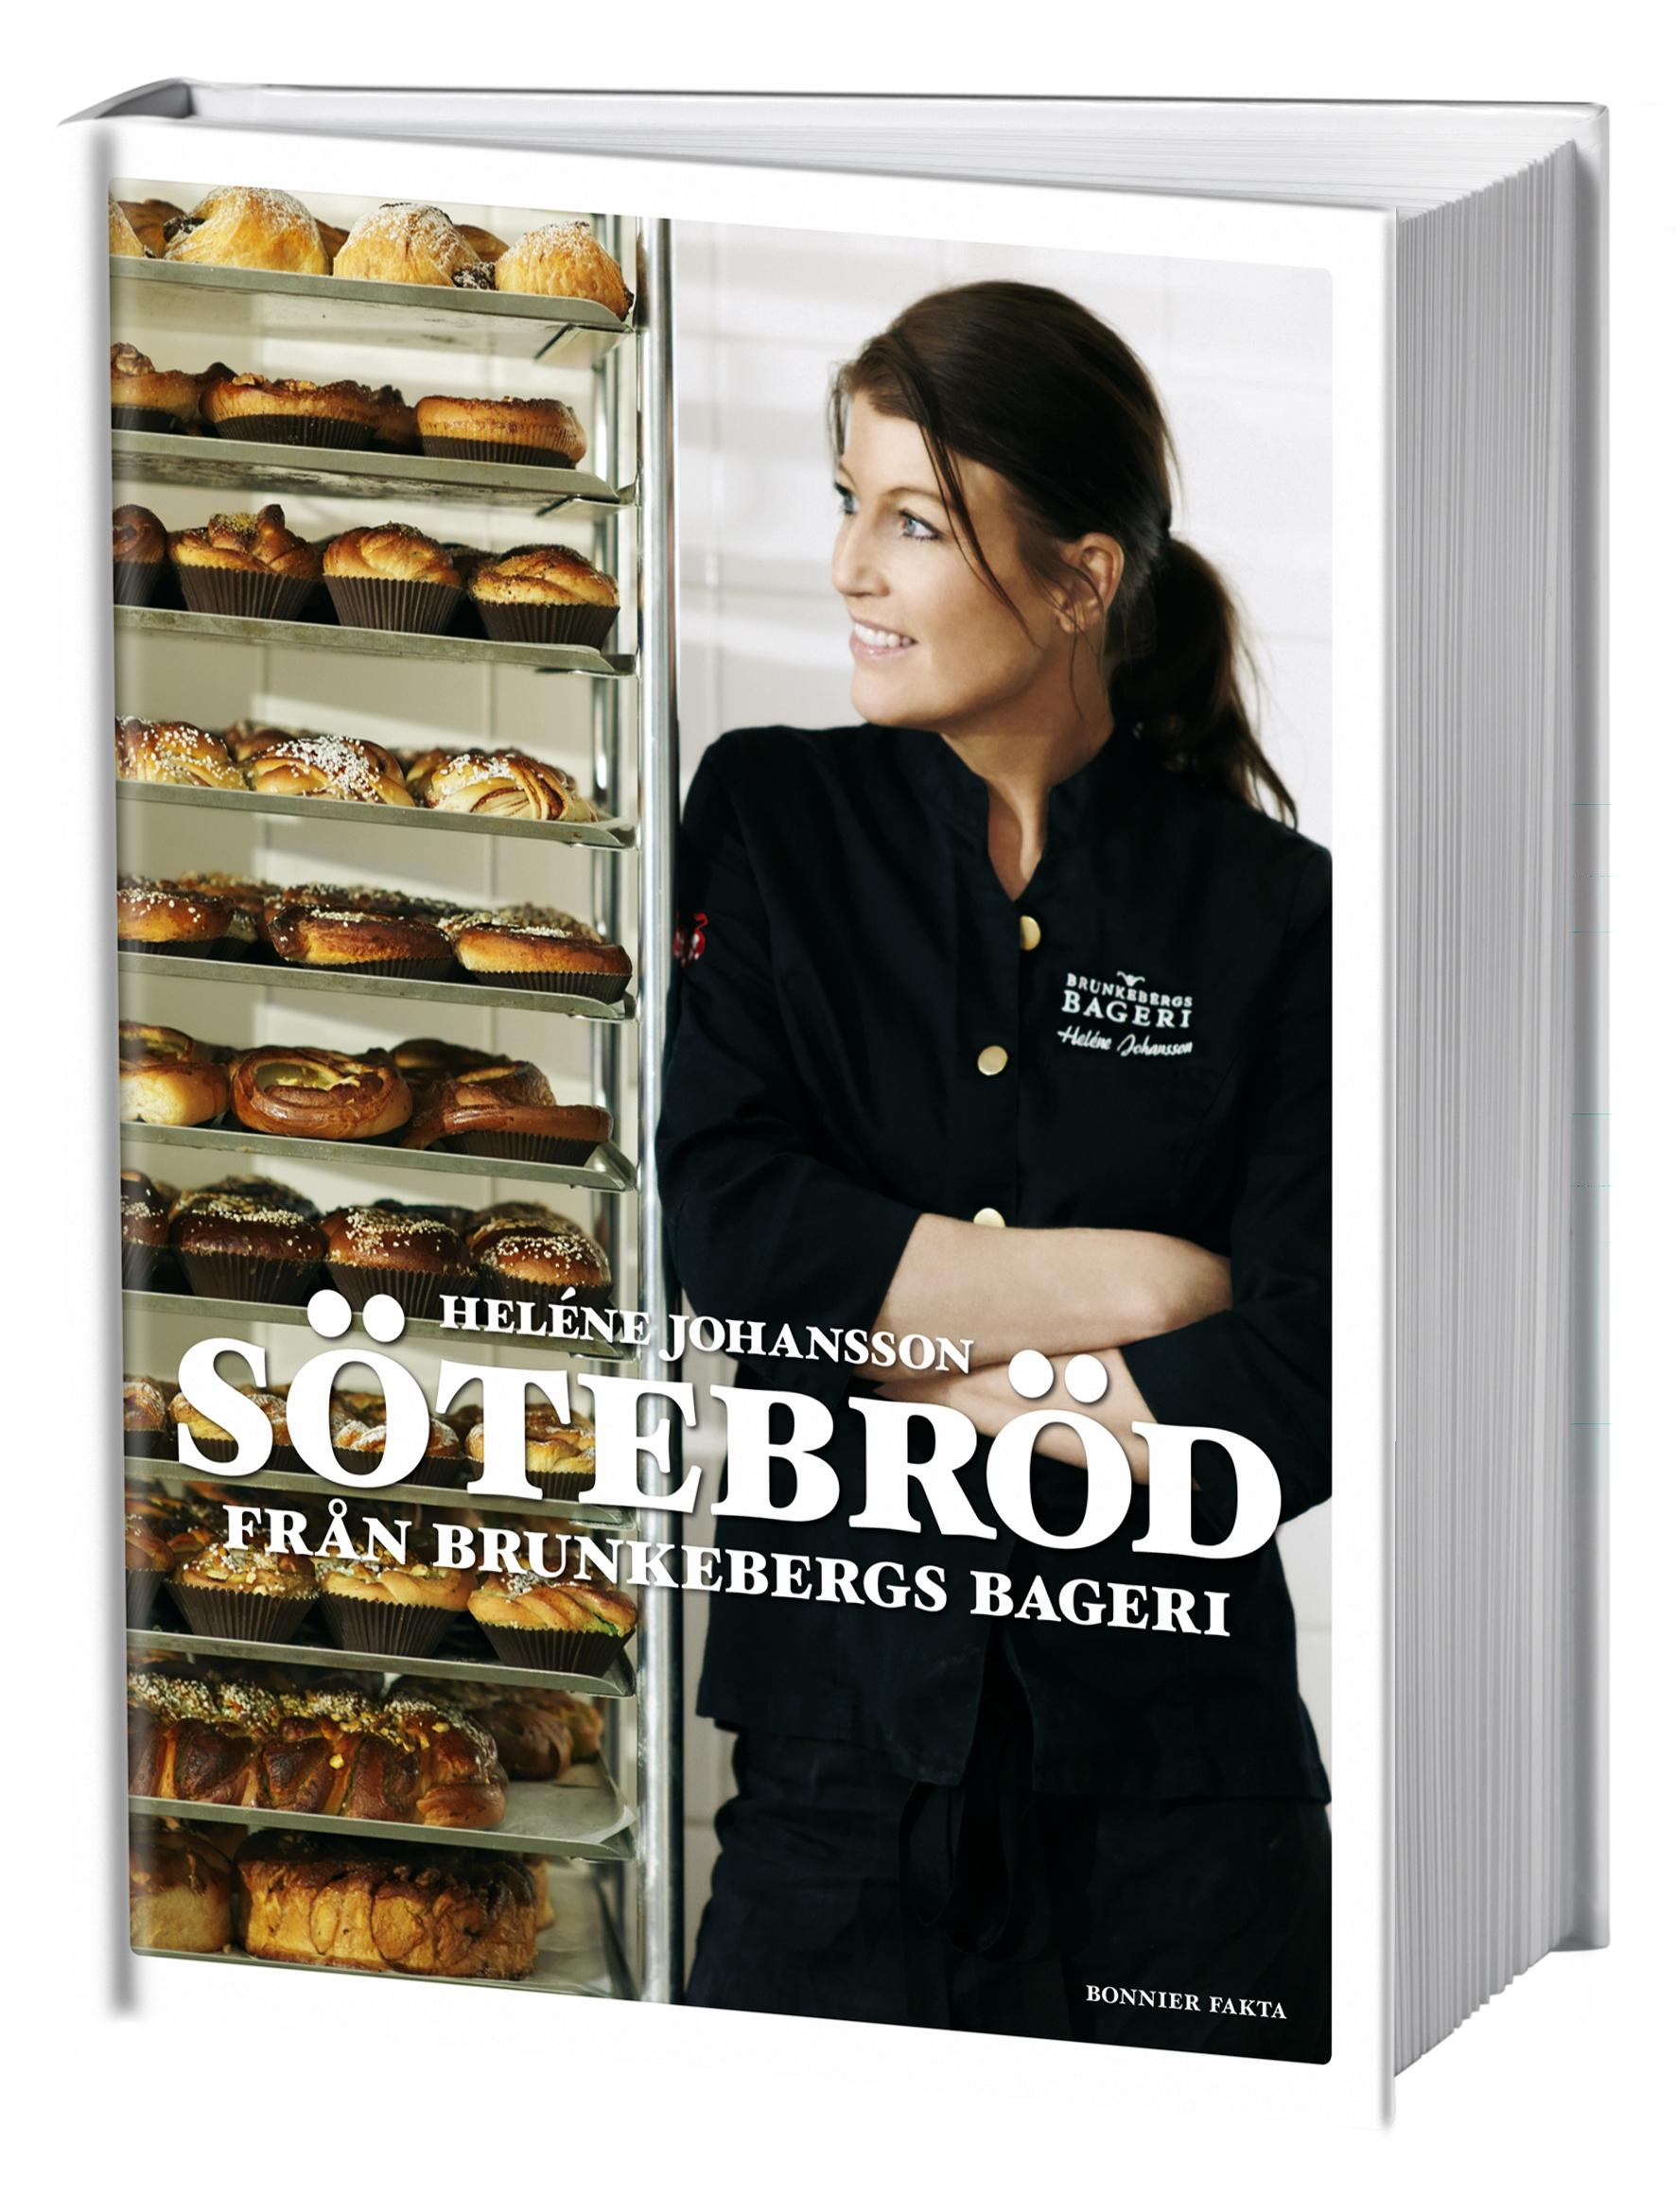 Bildresultat för sötebröd från brunkebergs bageri